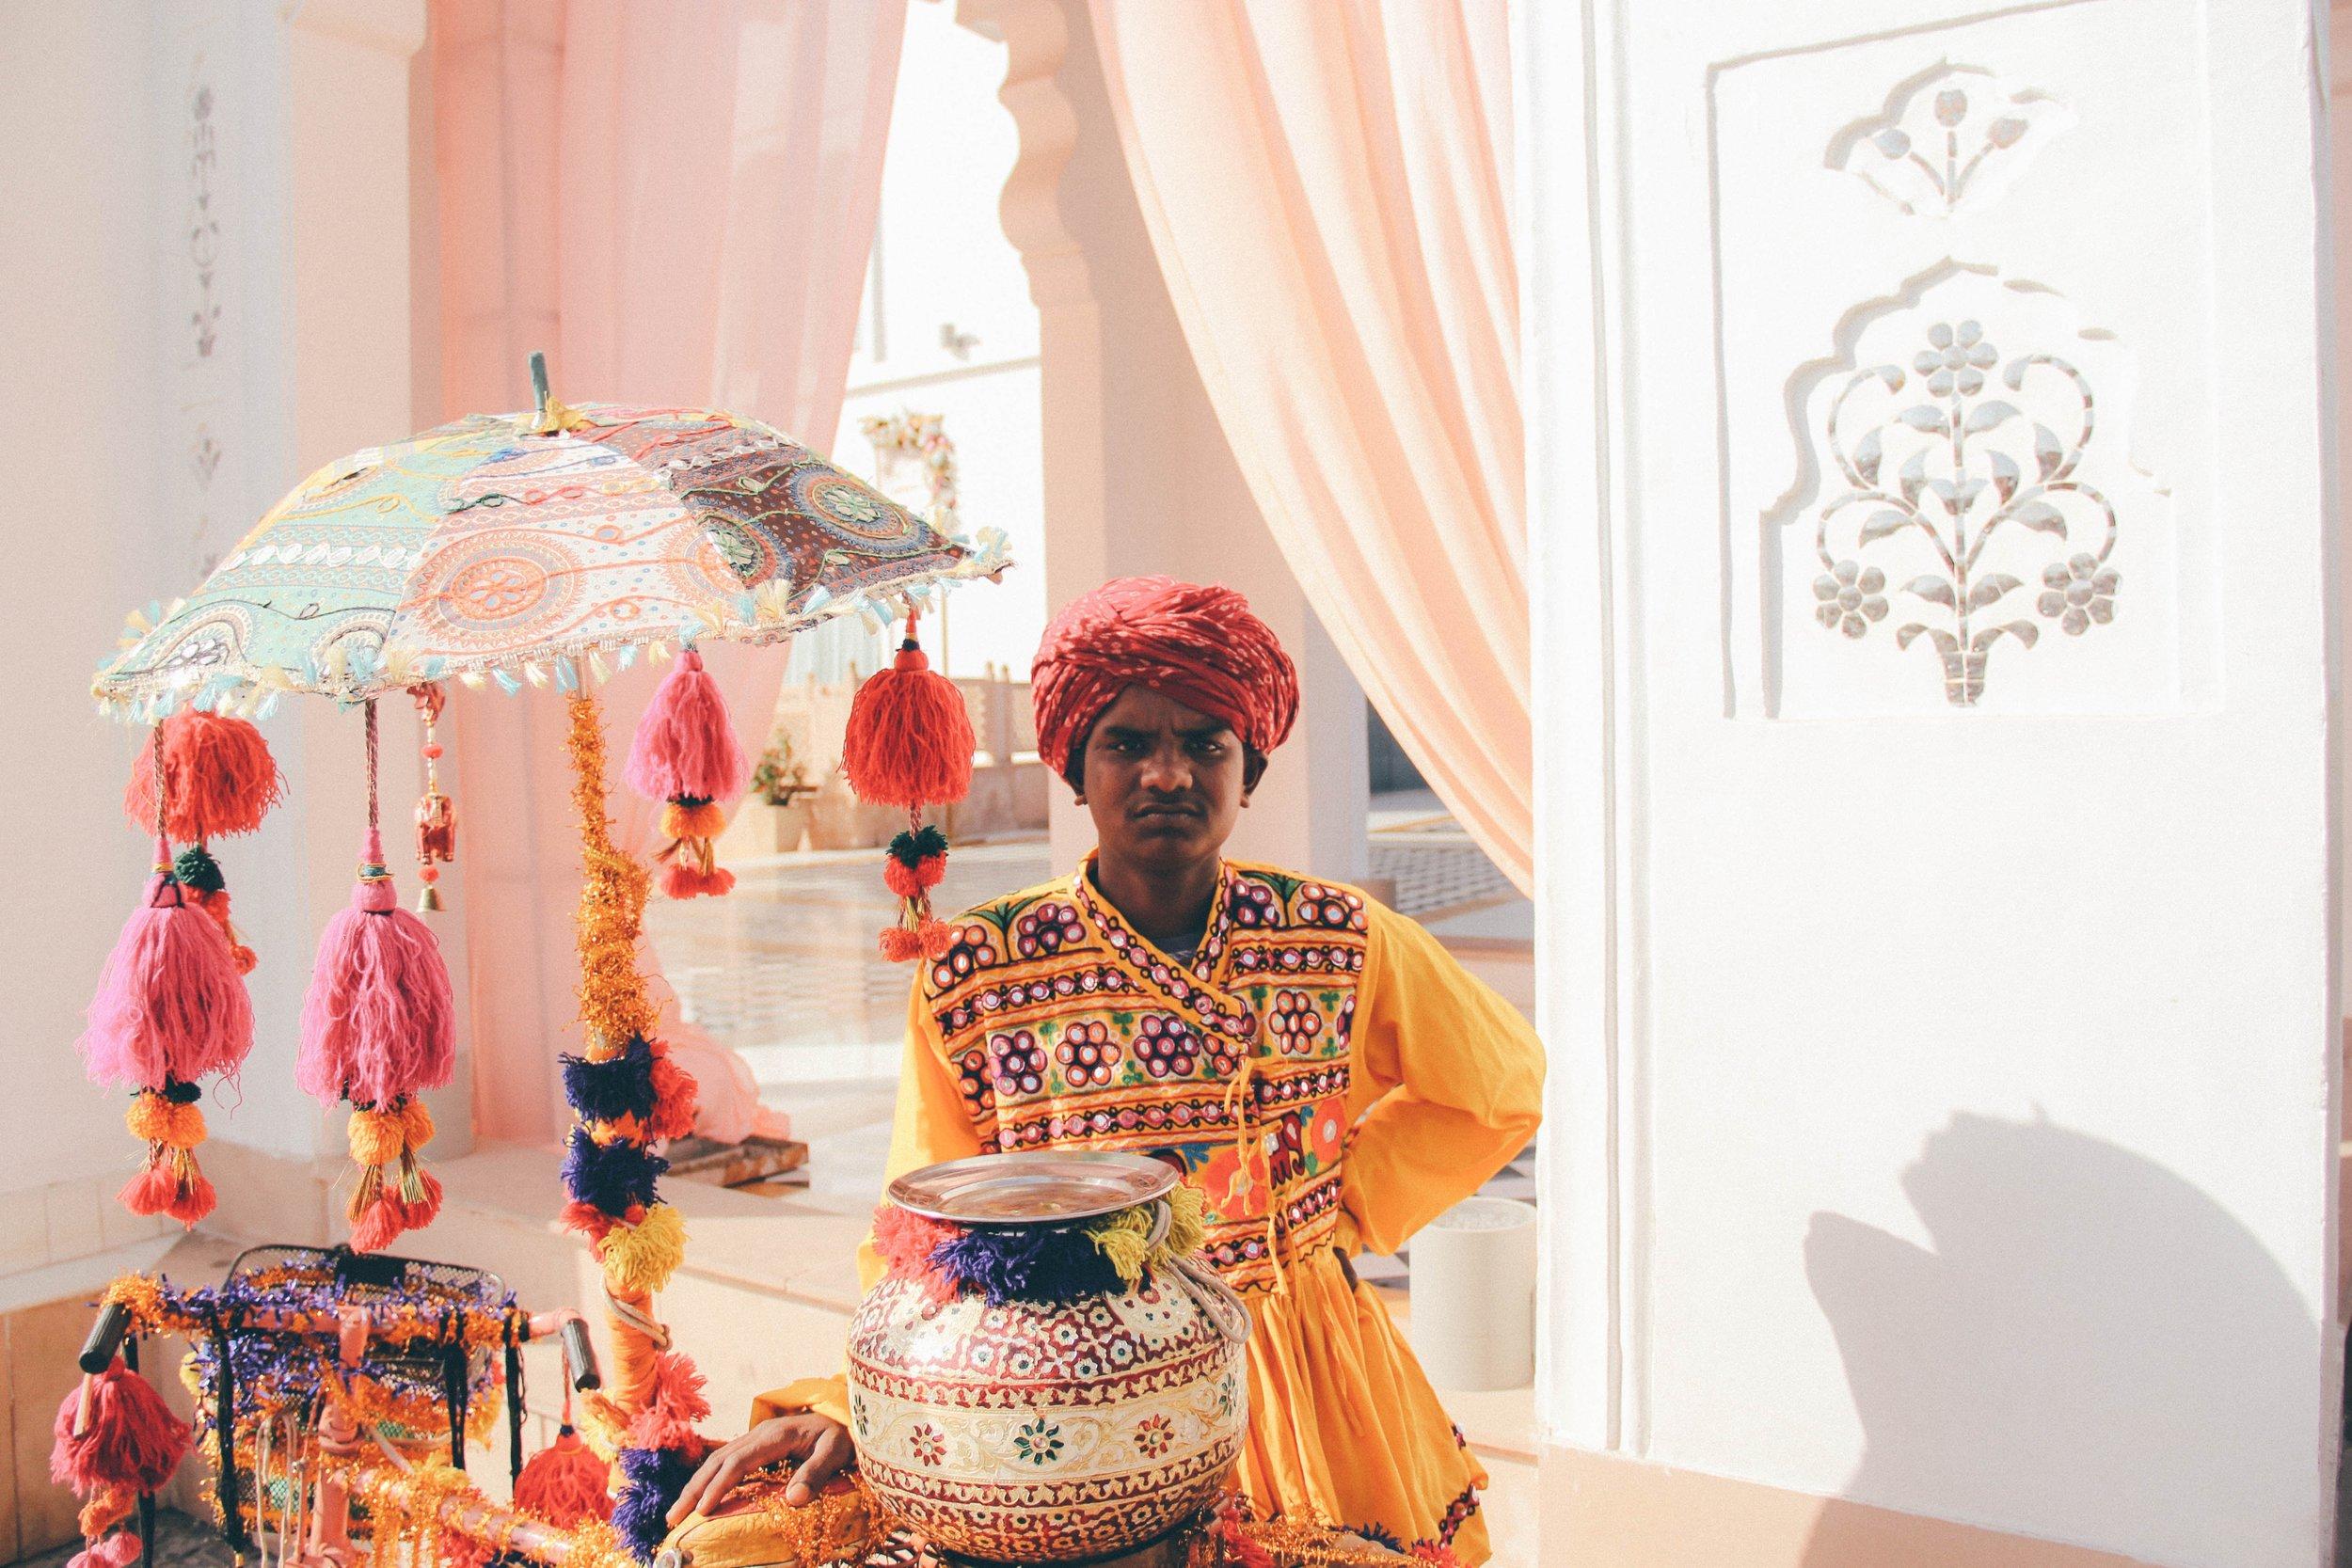 Street Seller, Jaipur